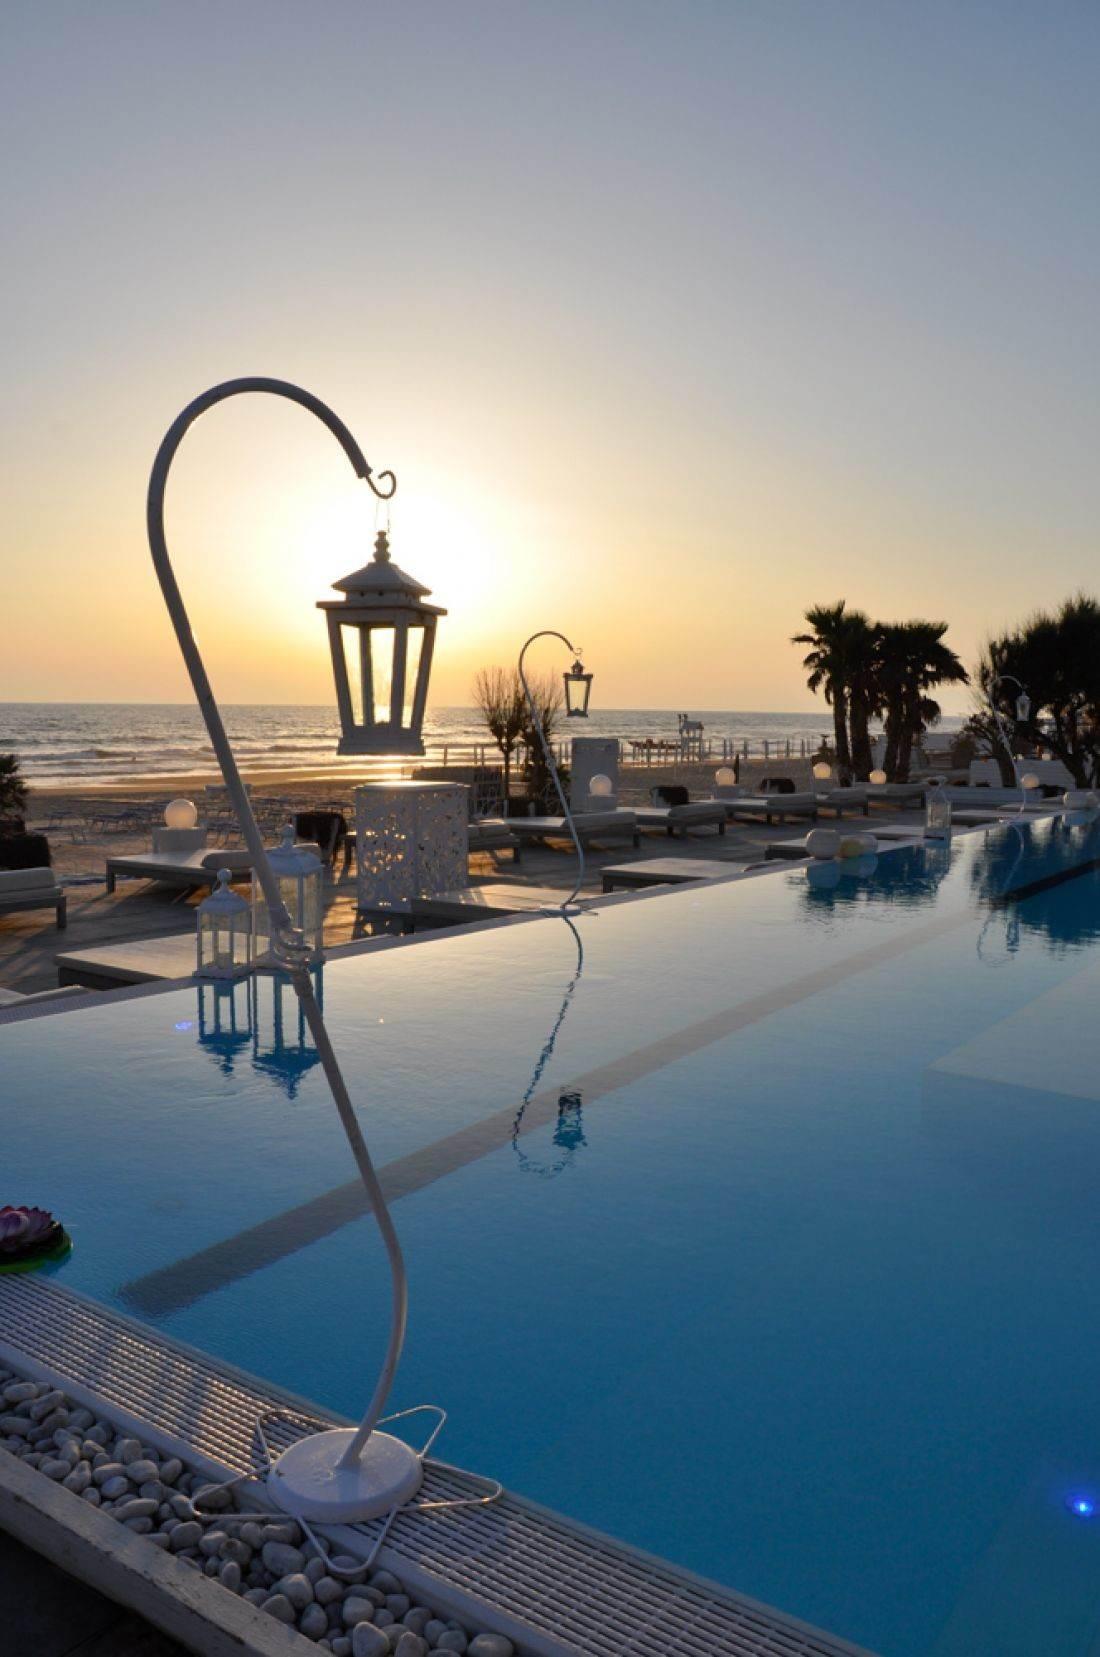 Matrimonio Sulla Spiaggia Napoli : Matrimonio in spiaggia a napoli